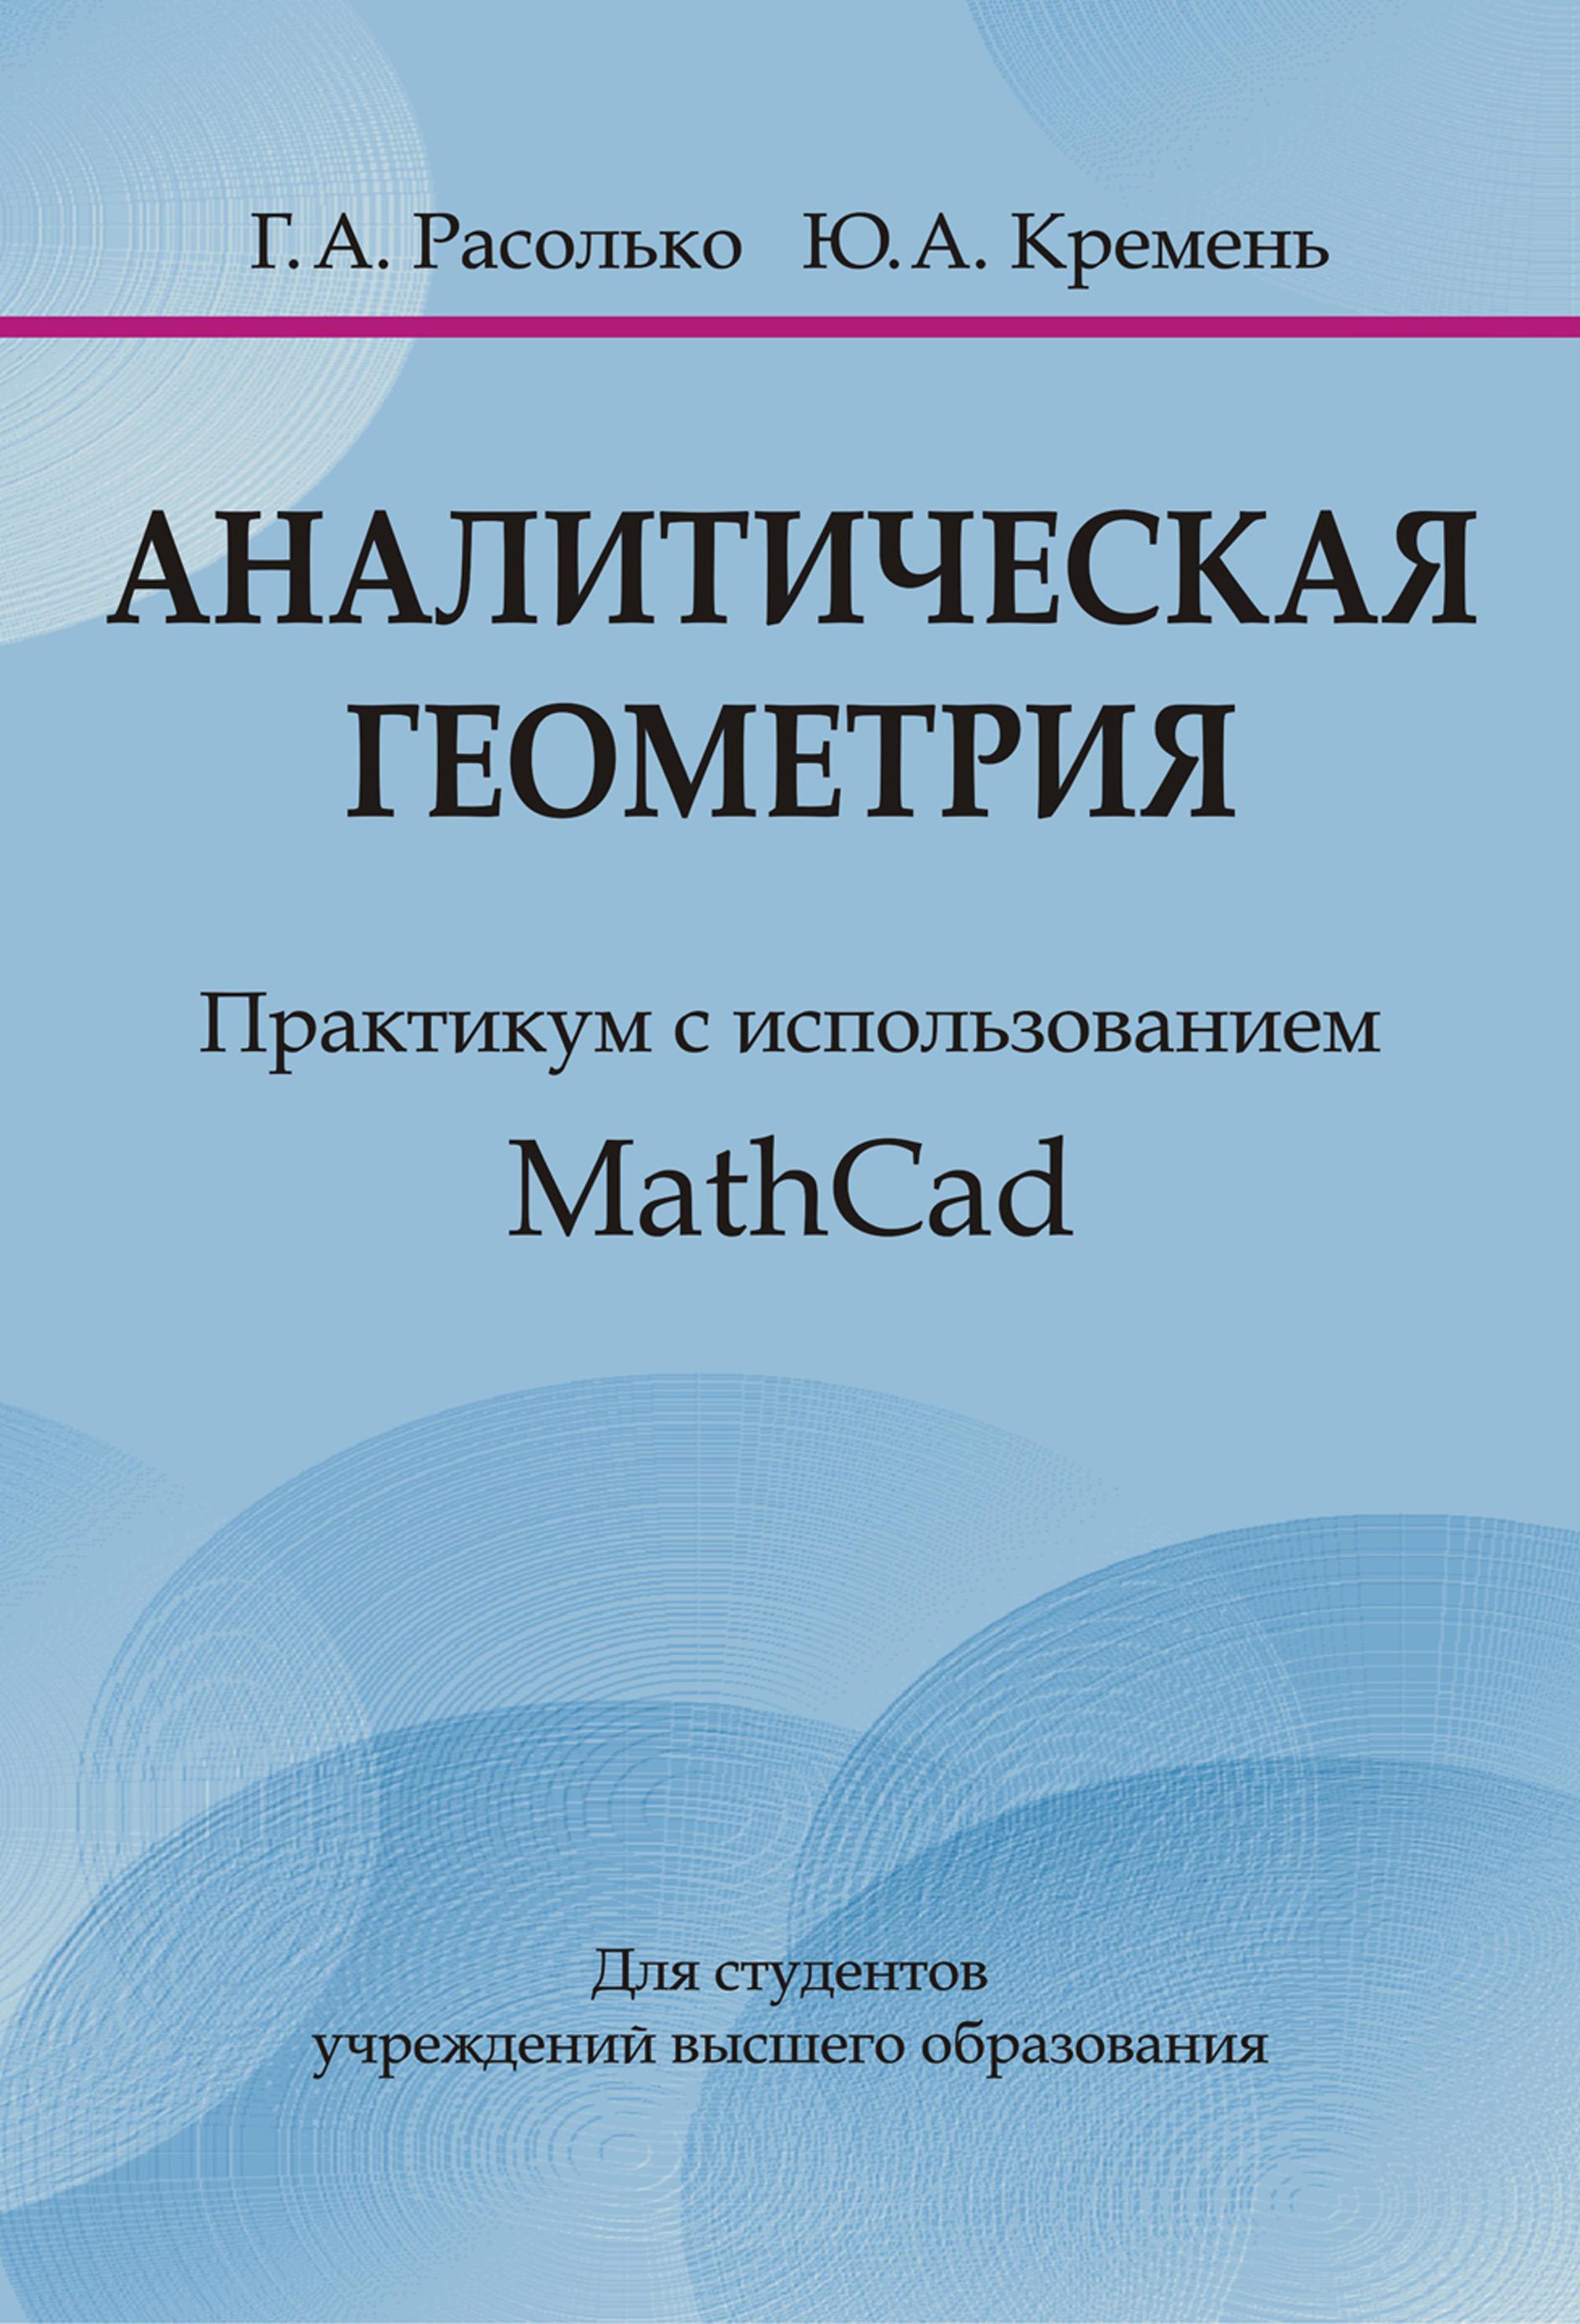 Ю. А. Кремень Аналитическая геометрия. Практикум с использованием MathCad